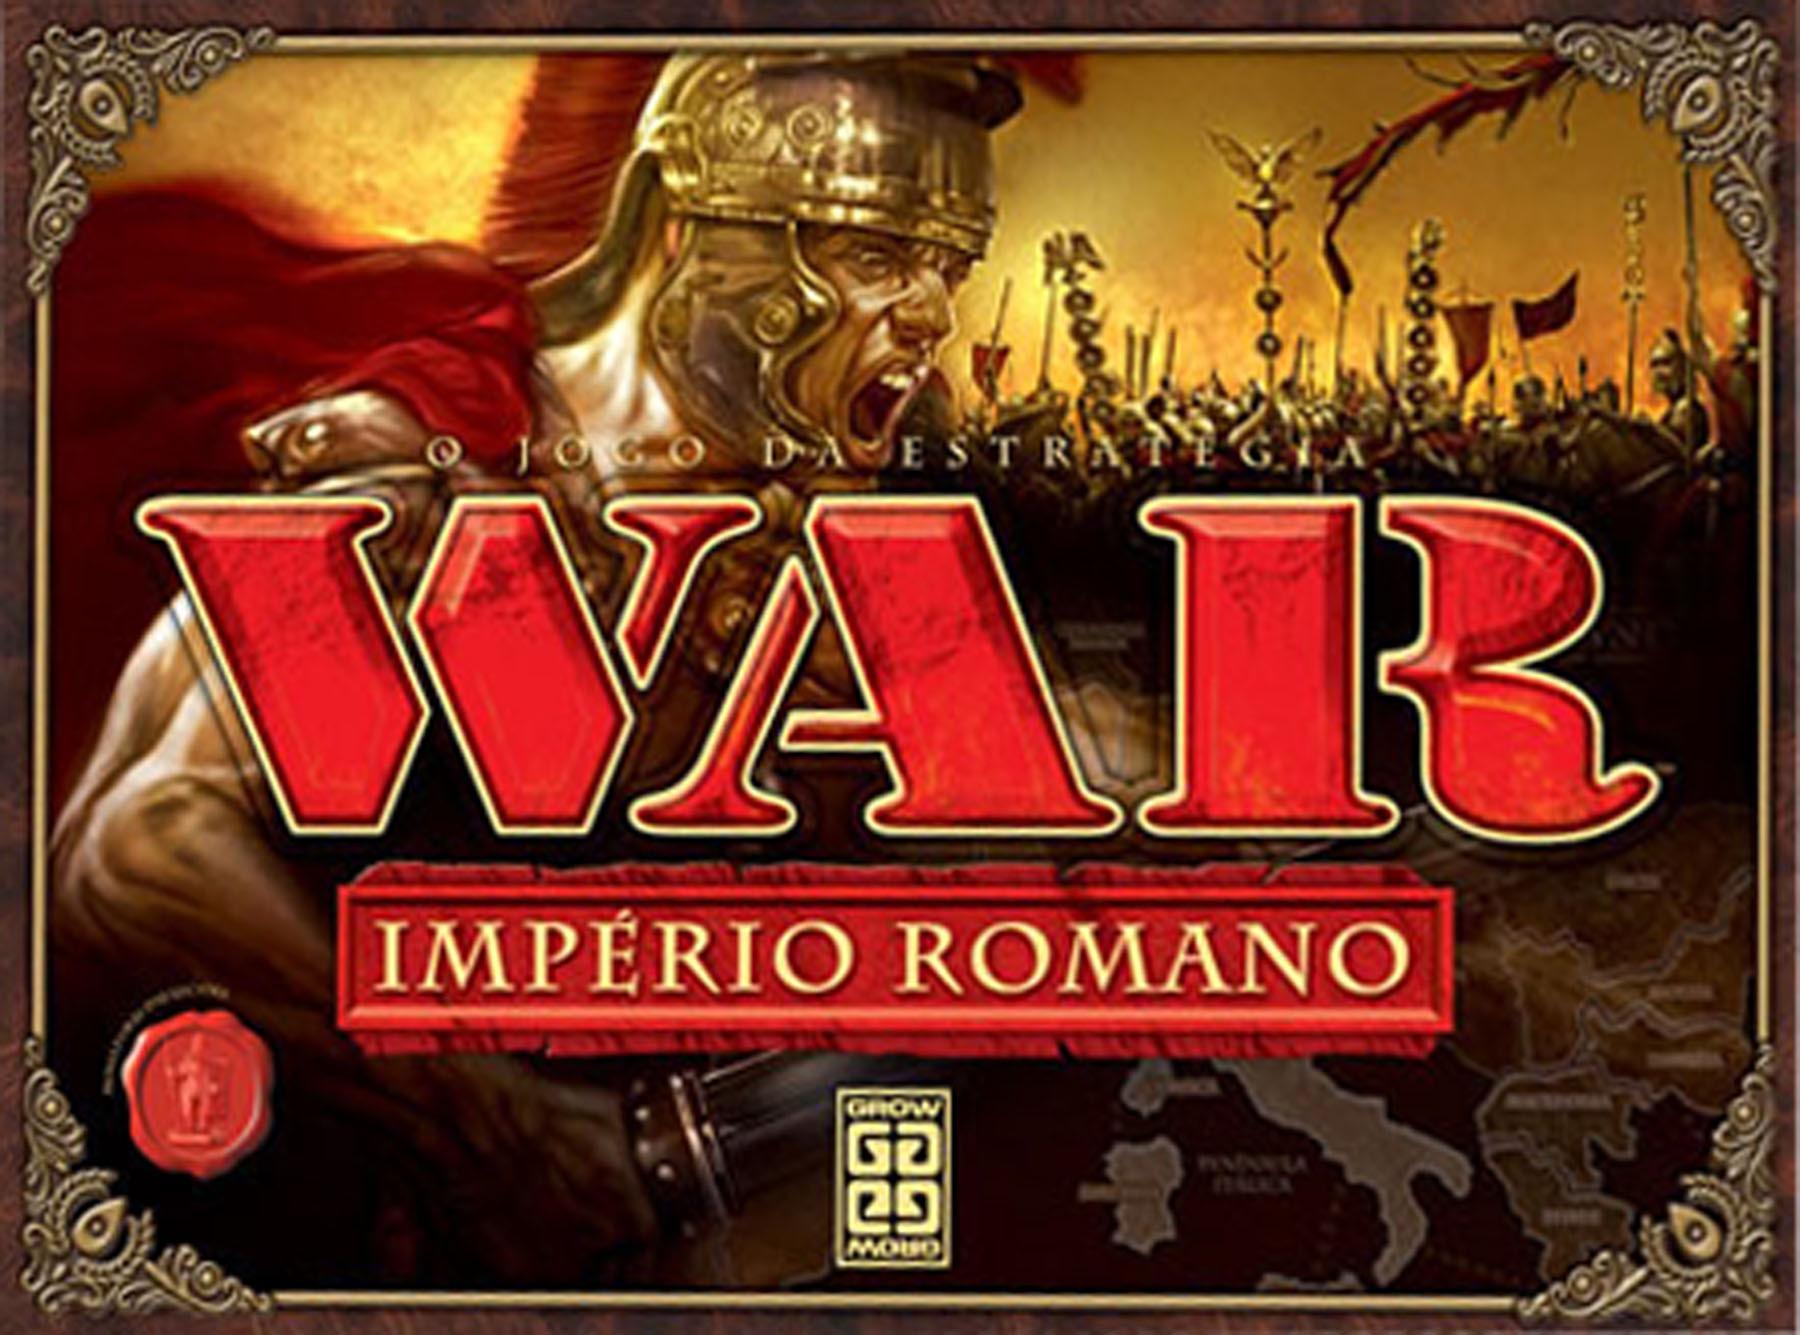 War Império Romano Image